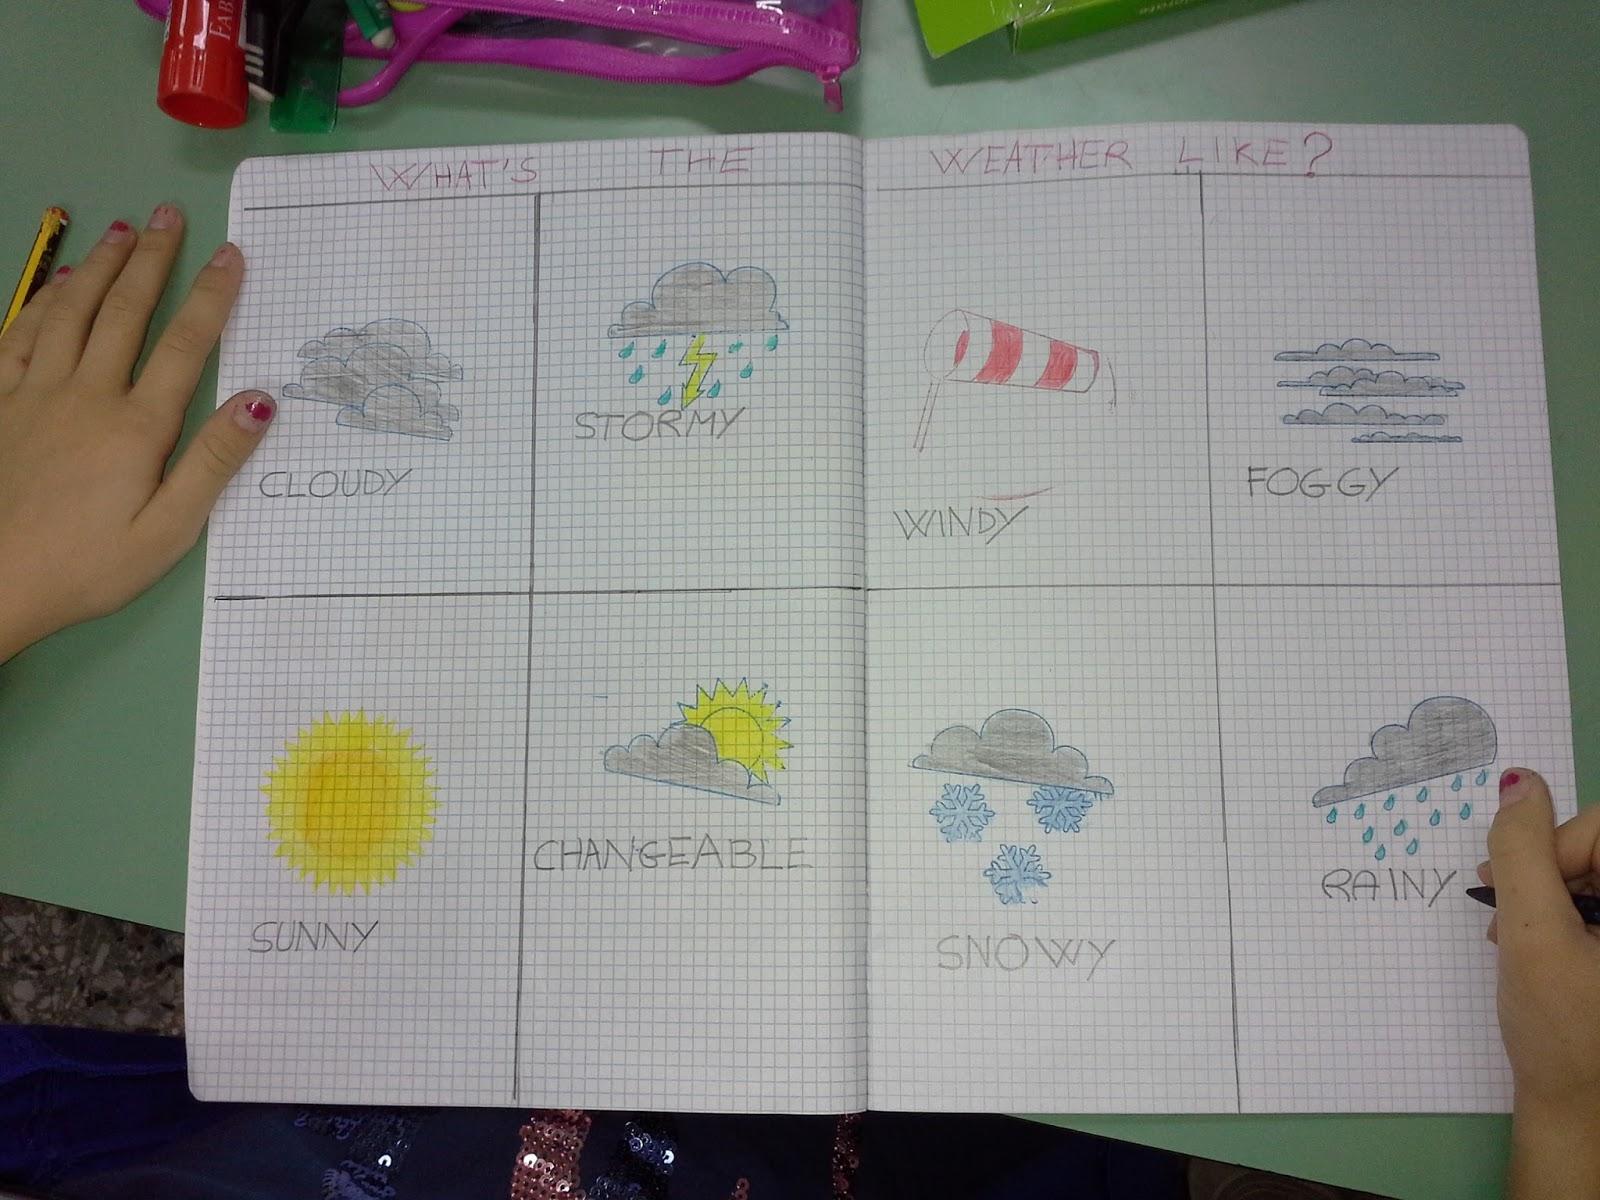 Scuolanusei Etwinning Progetto Europeo Sul Tempo Meteorologico